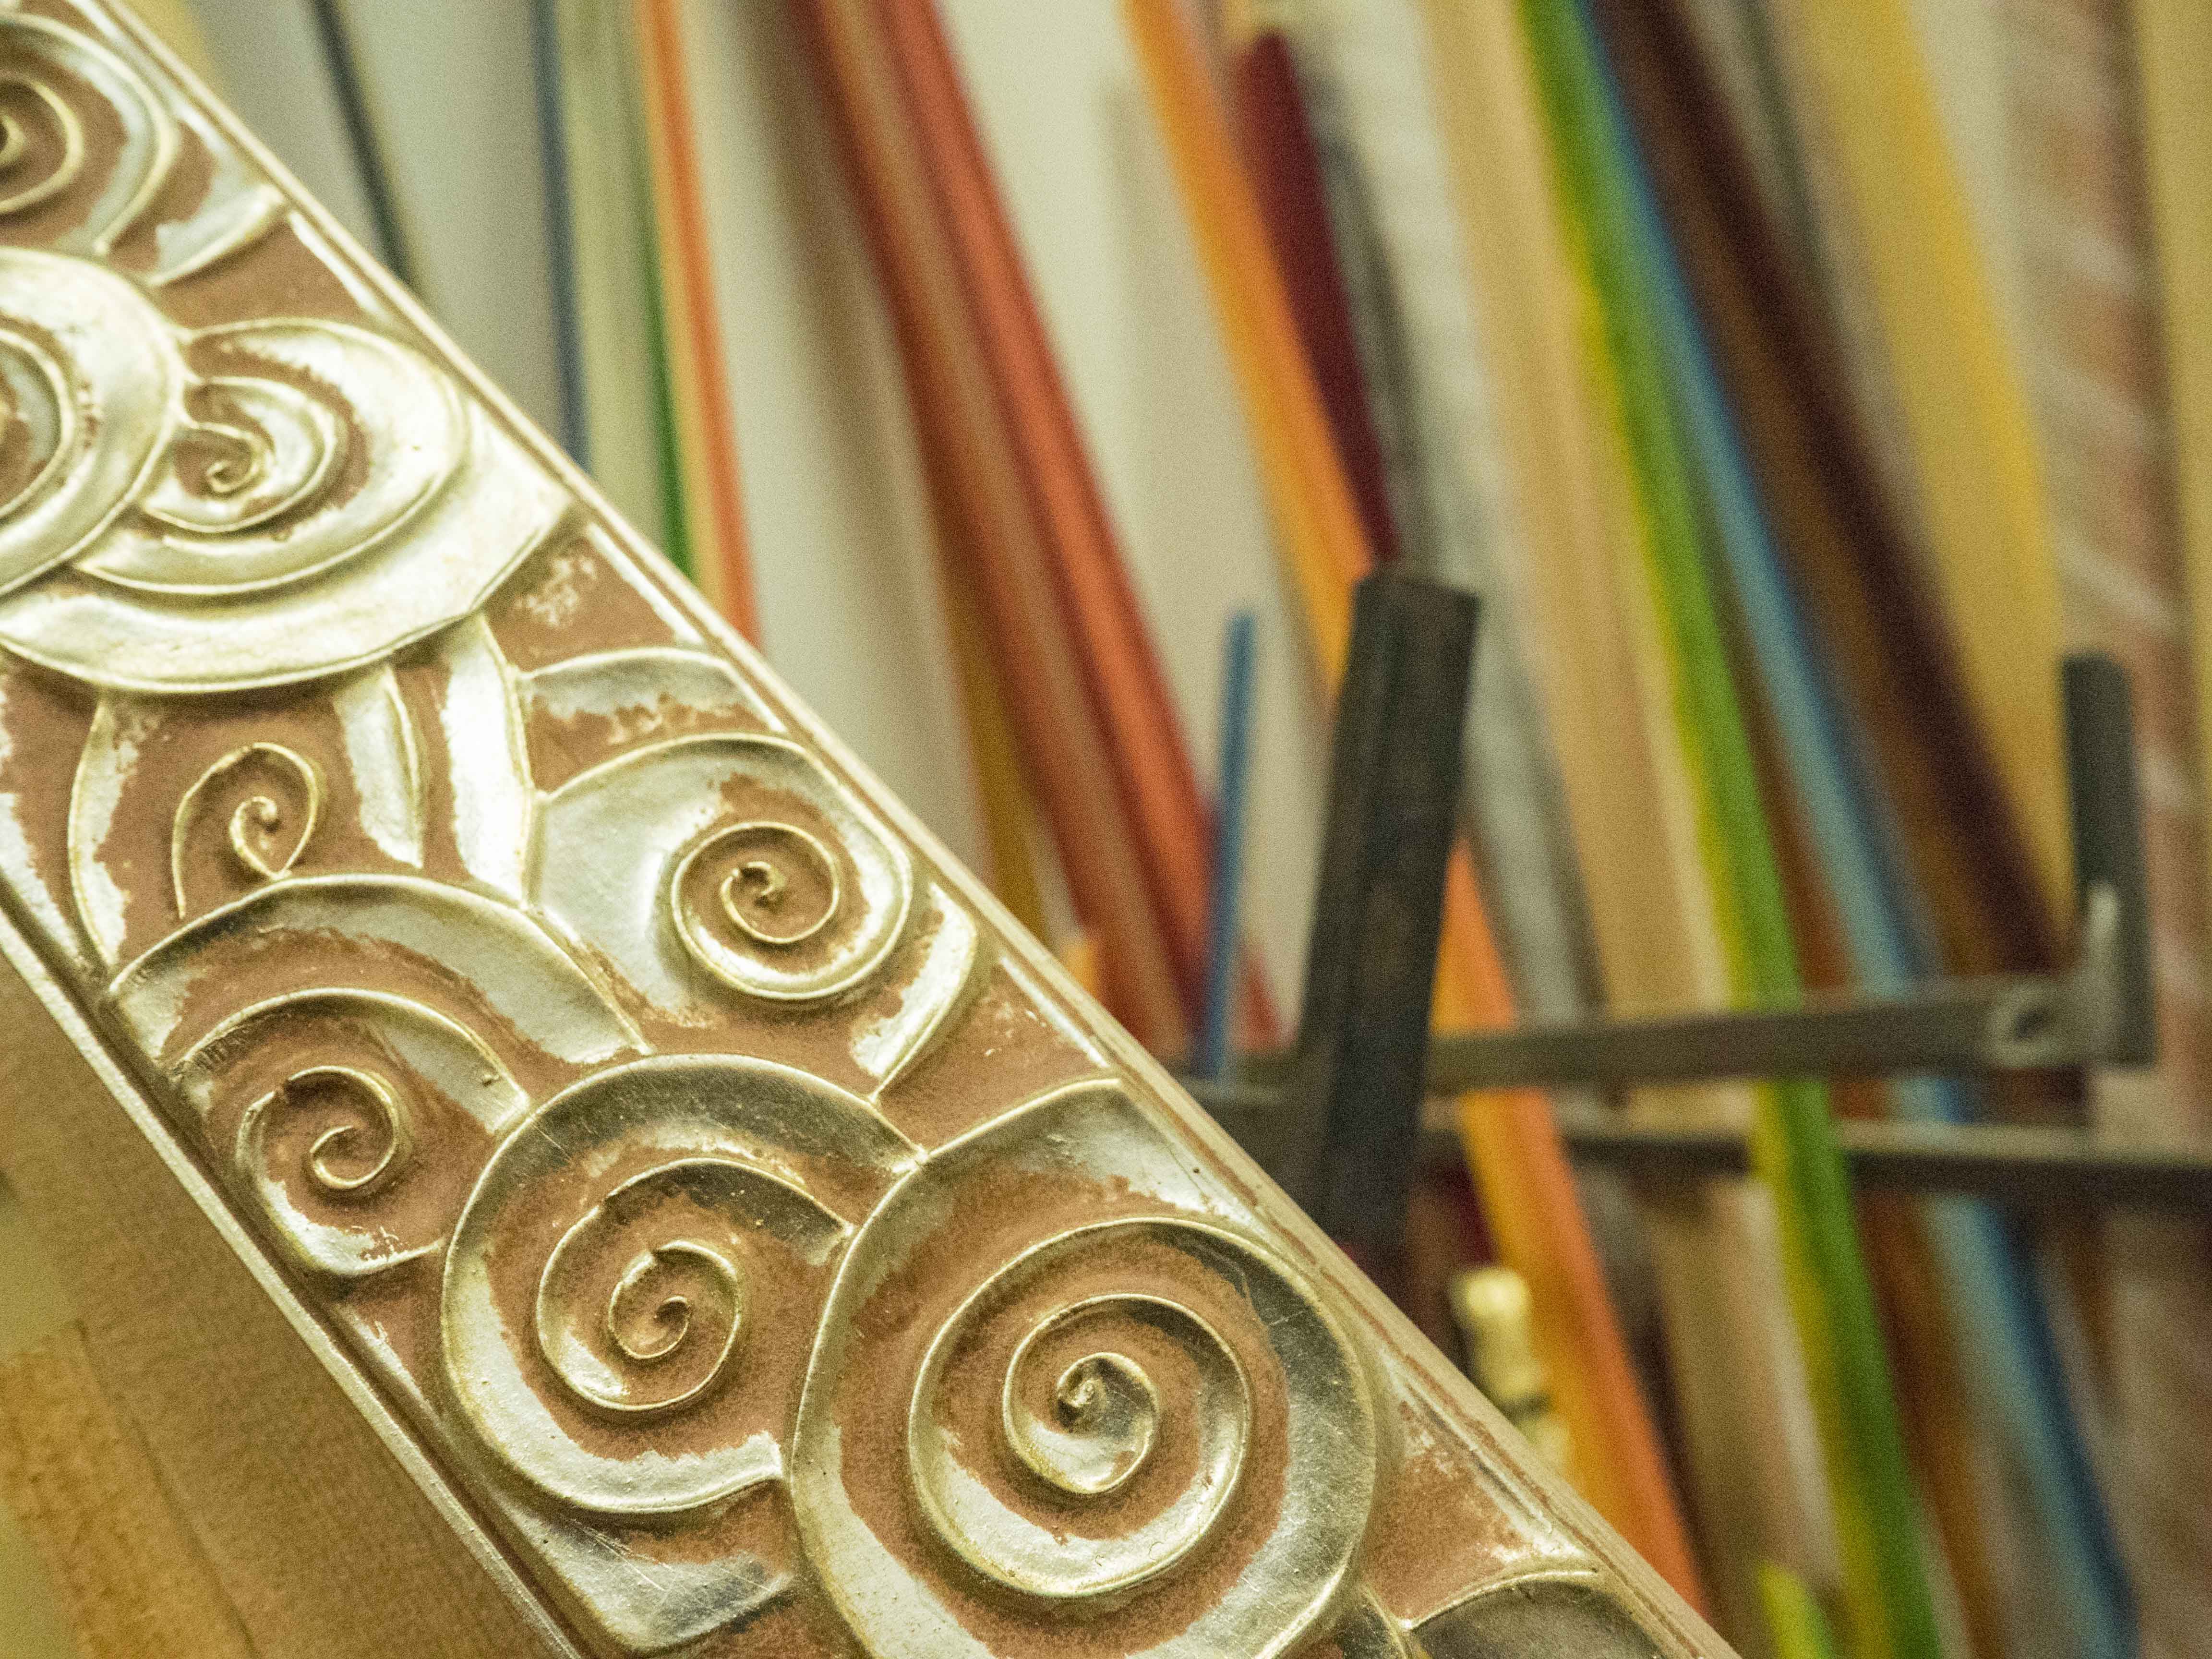 cornice-artigianale-legnomania